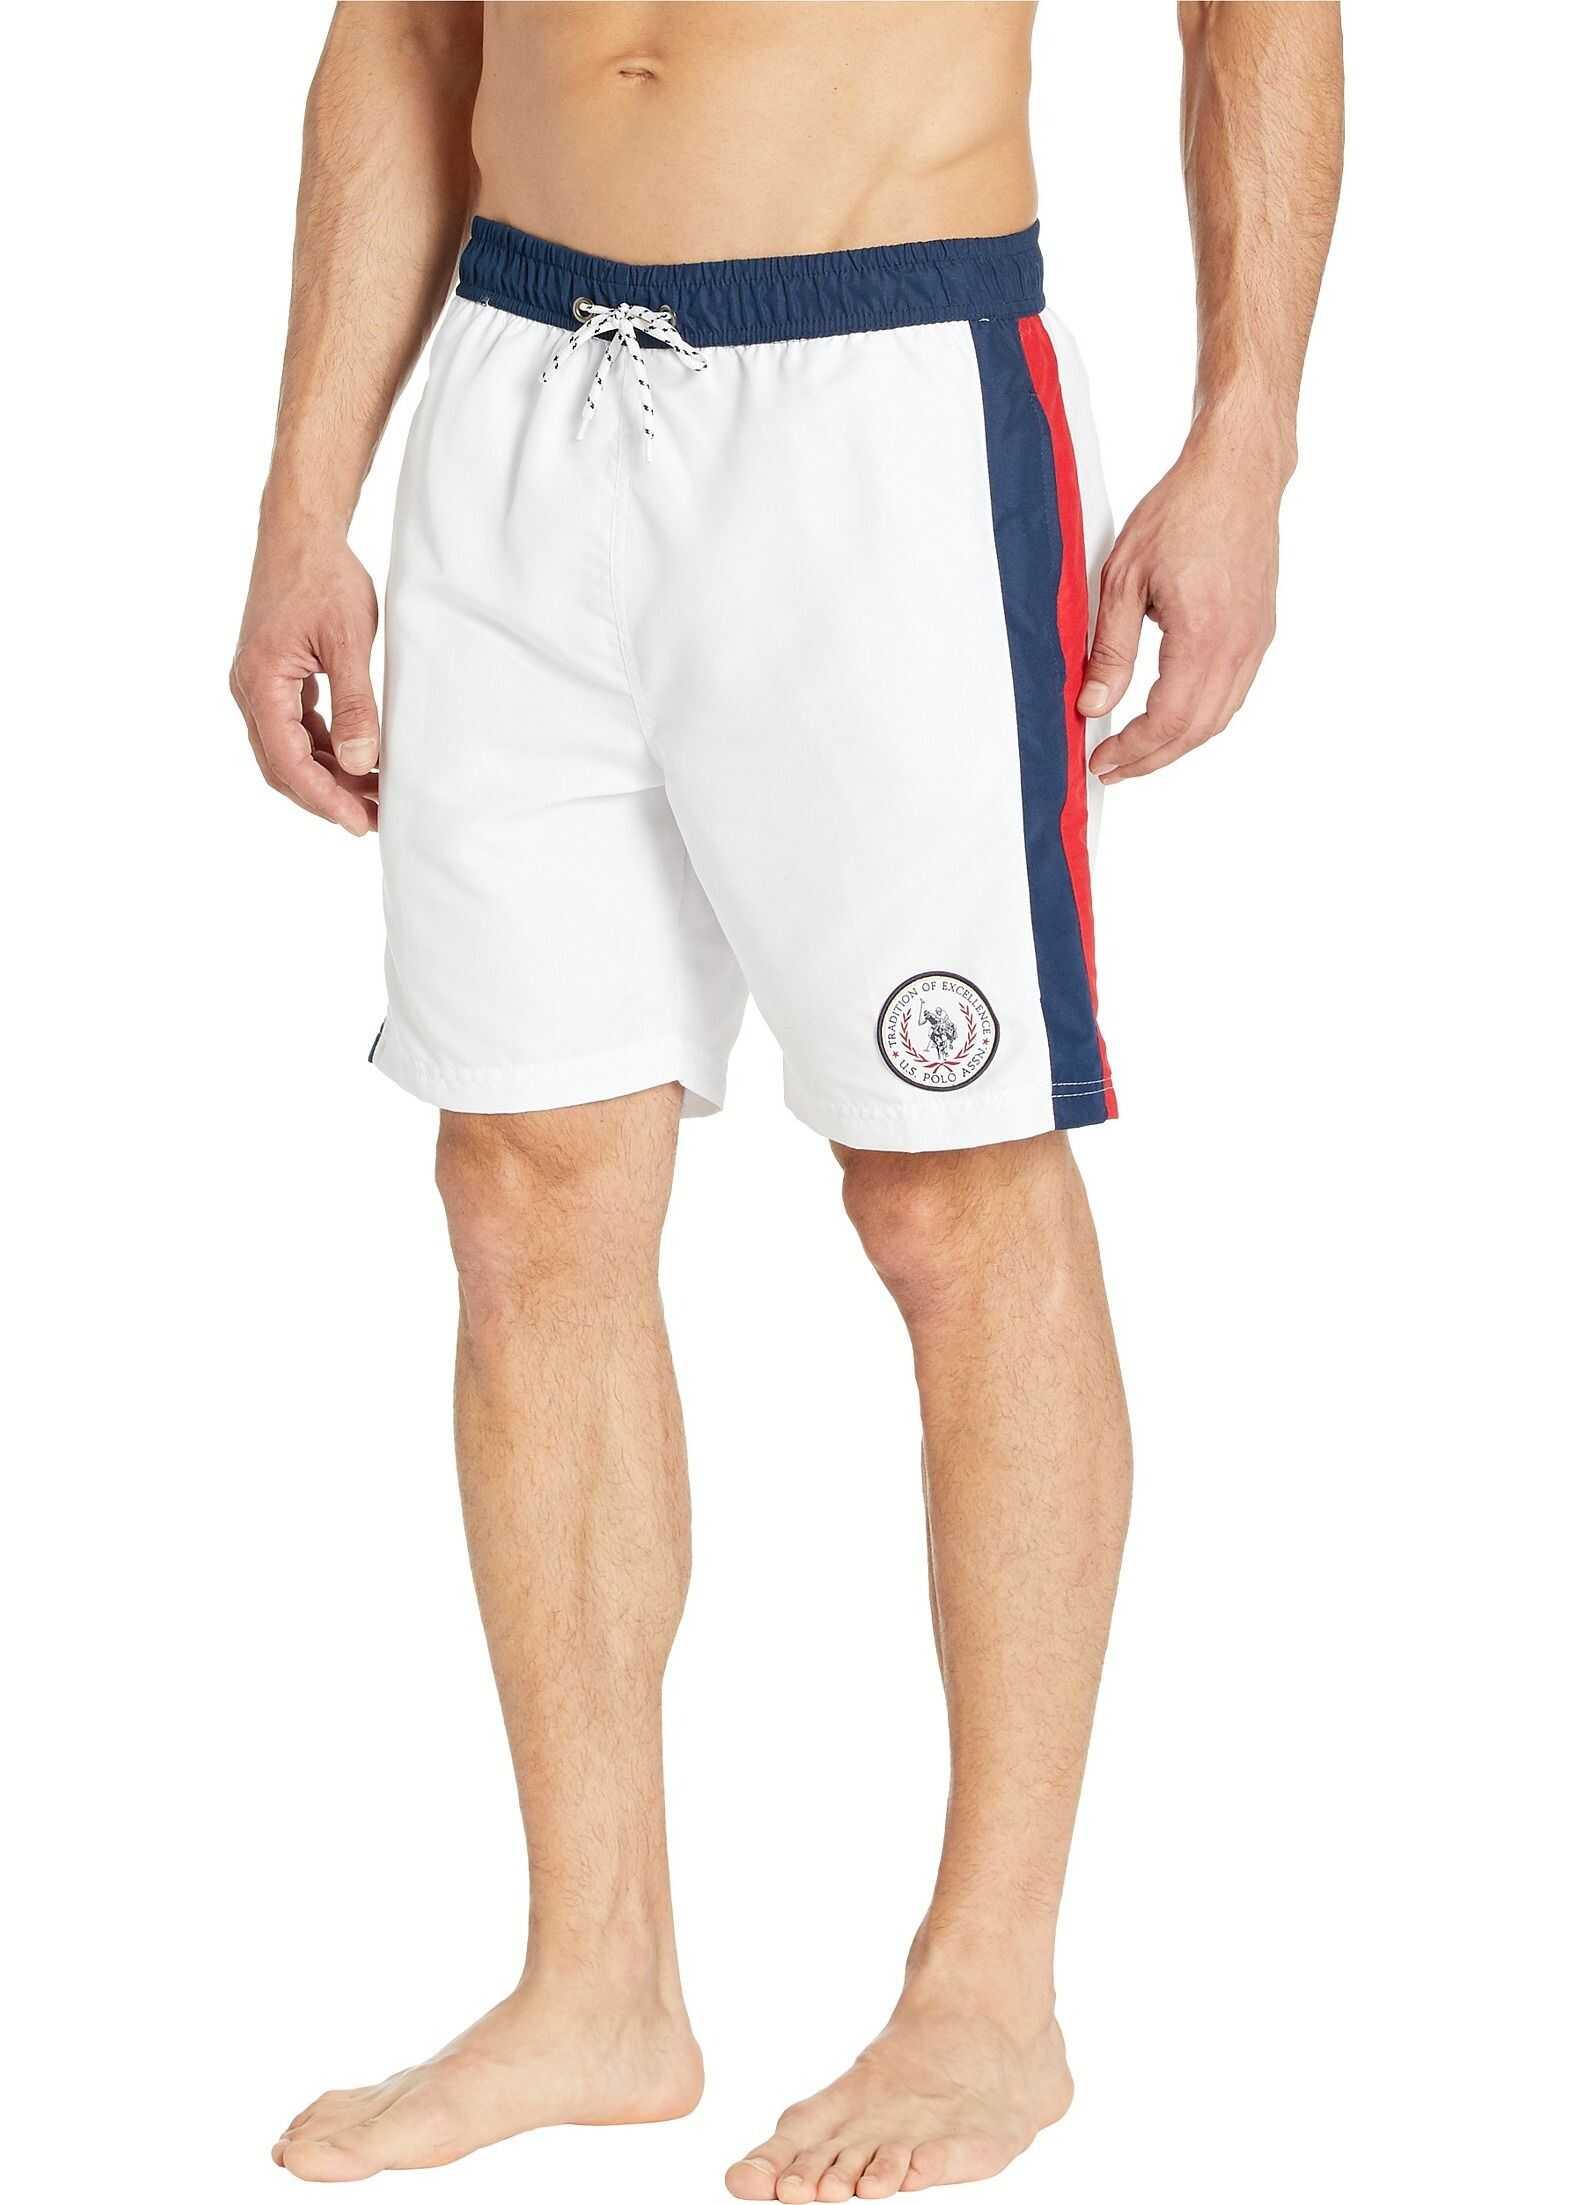 U.S. POLO ASSN. Side Stripe Swim Shorts White